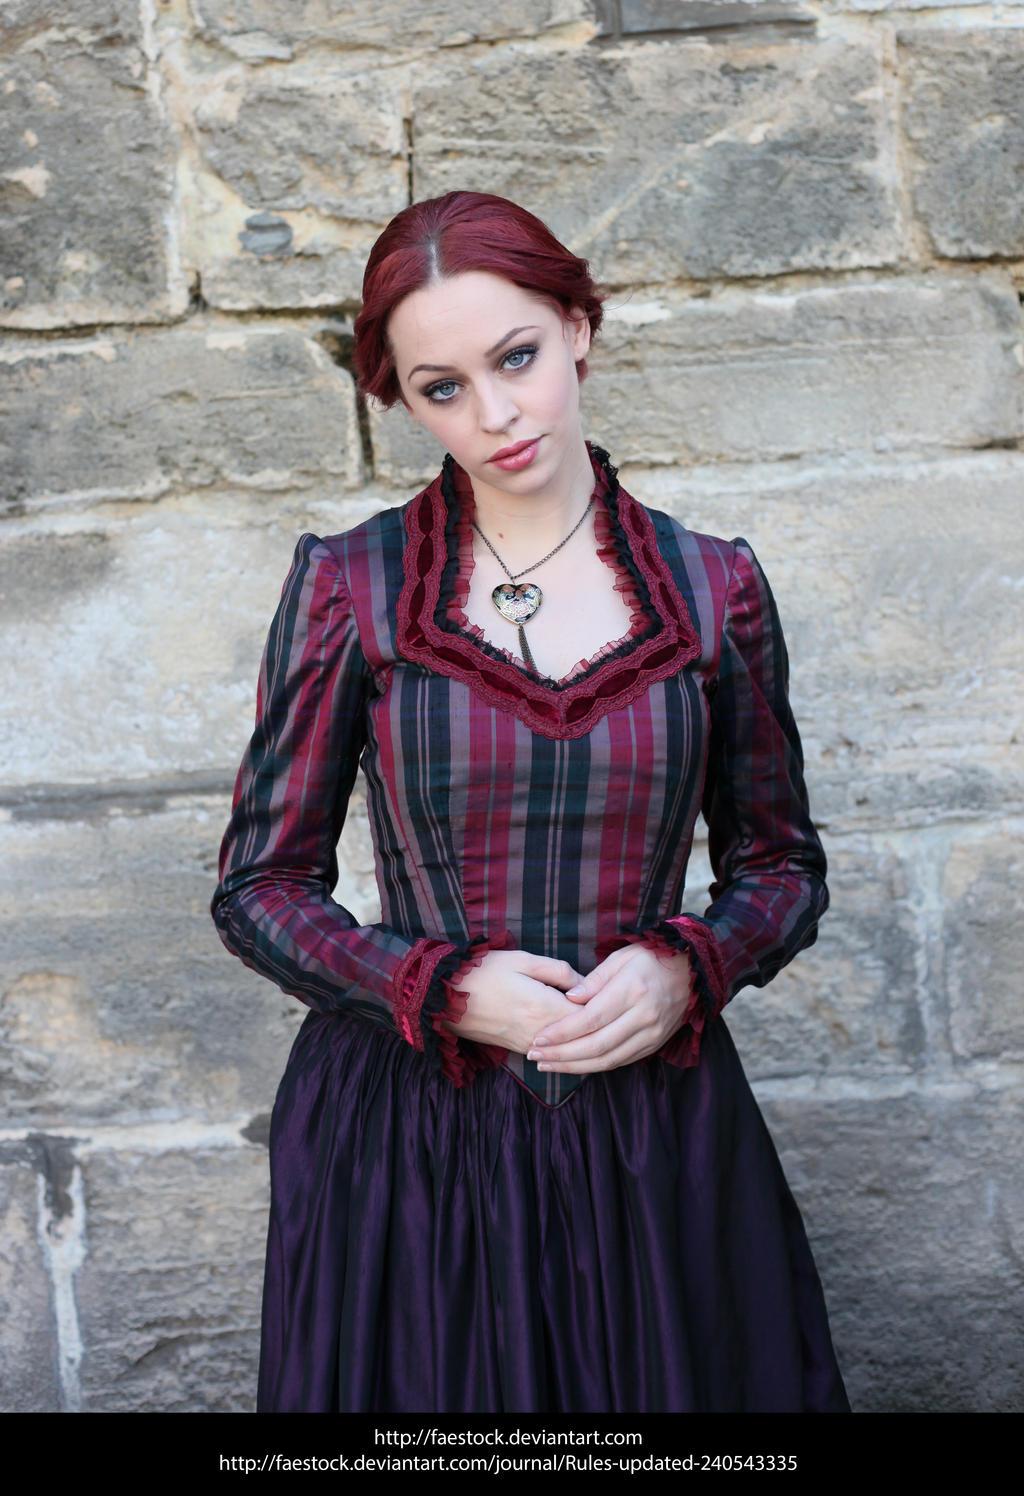 Victoriana32 by faestock